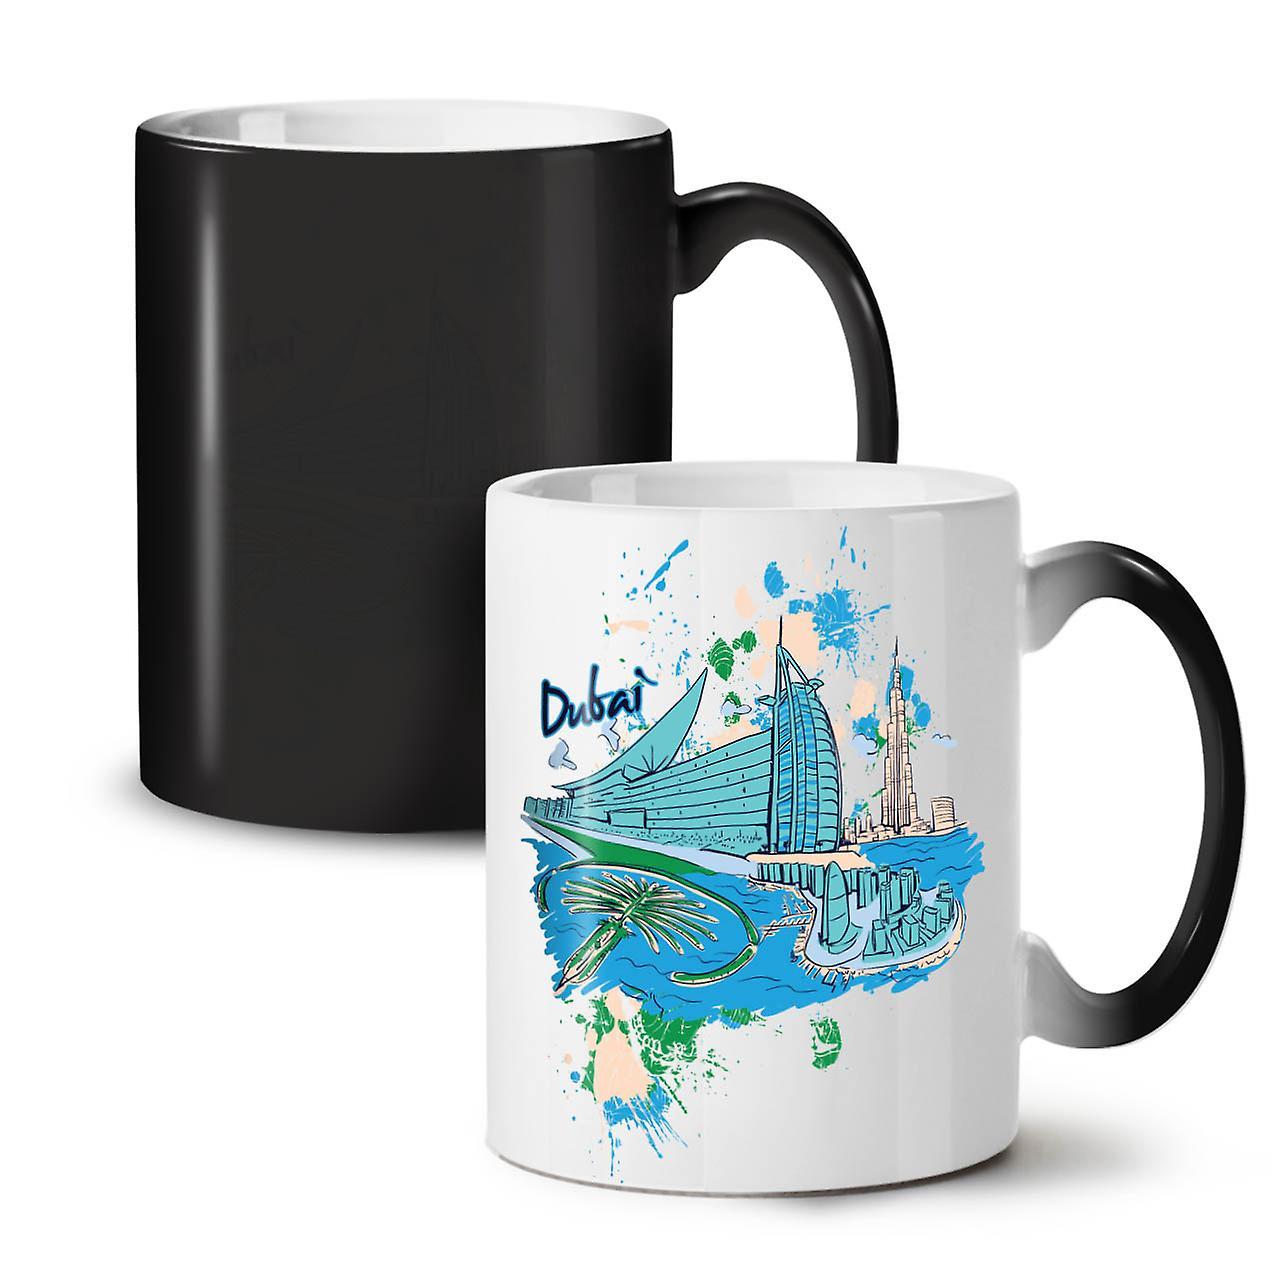 Dubai Nouveau Tasse Céramique Noir Coloris Café OzWellcoda Thé Changeant 11 lFKJ1c